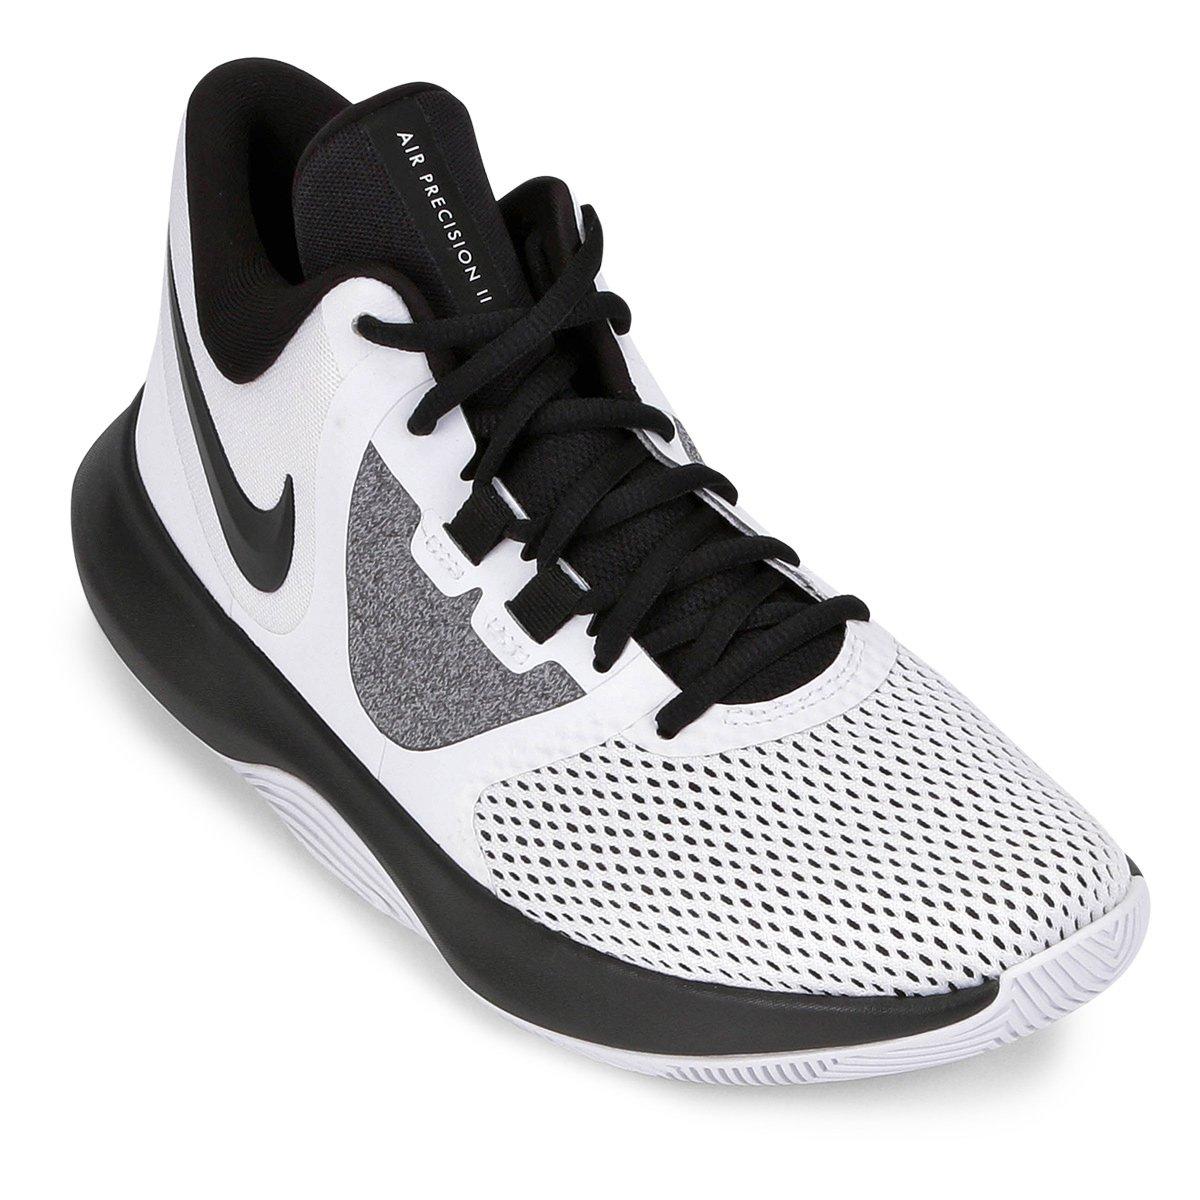 3ed704fc0ff Tênis Nike Air Precision II Masculino - Branco e Preto - Compre Agora